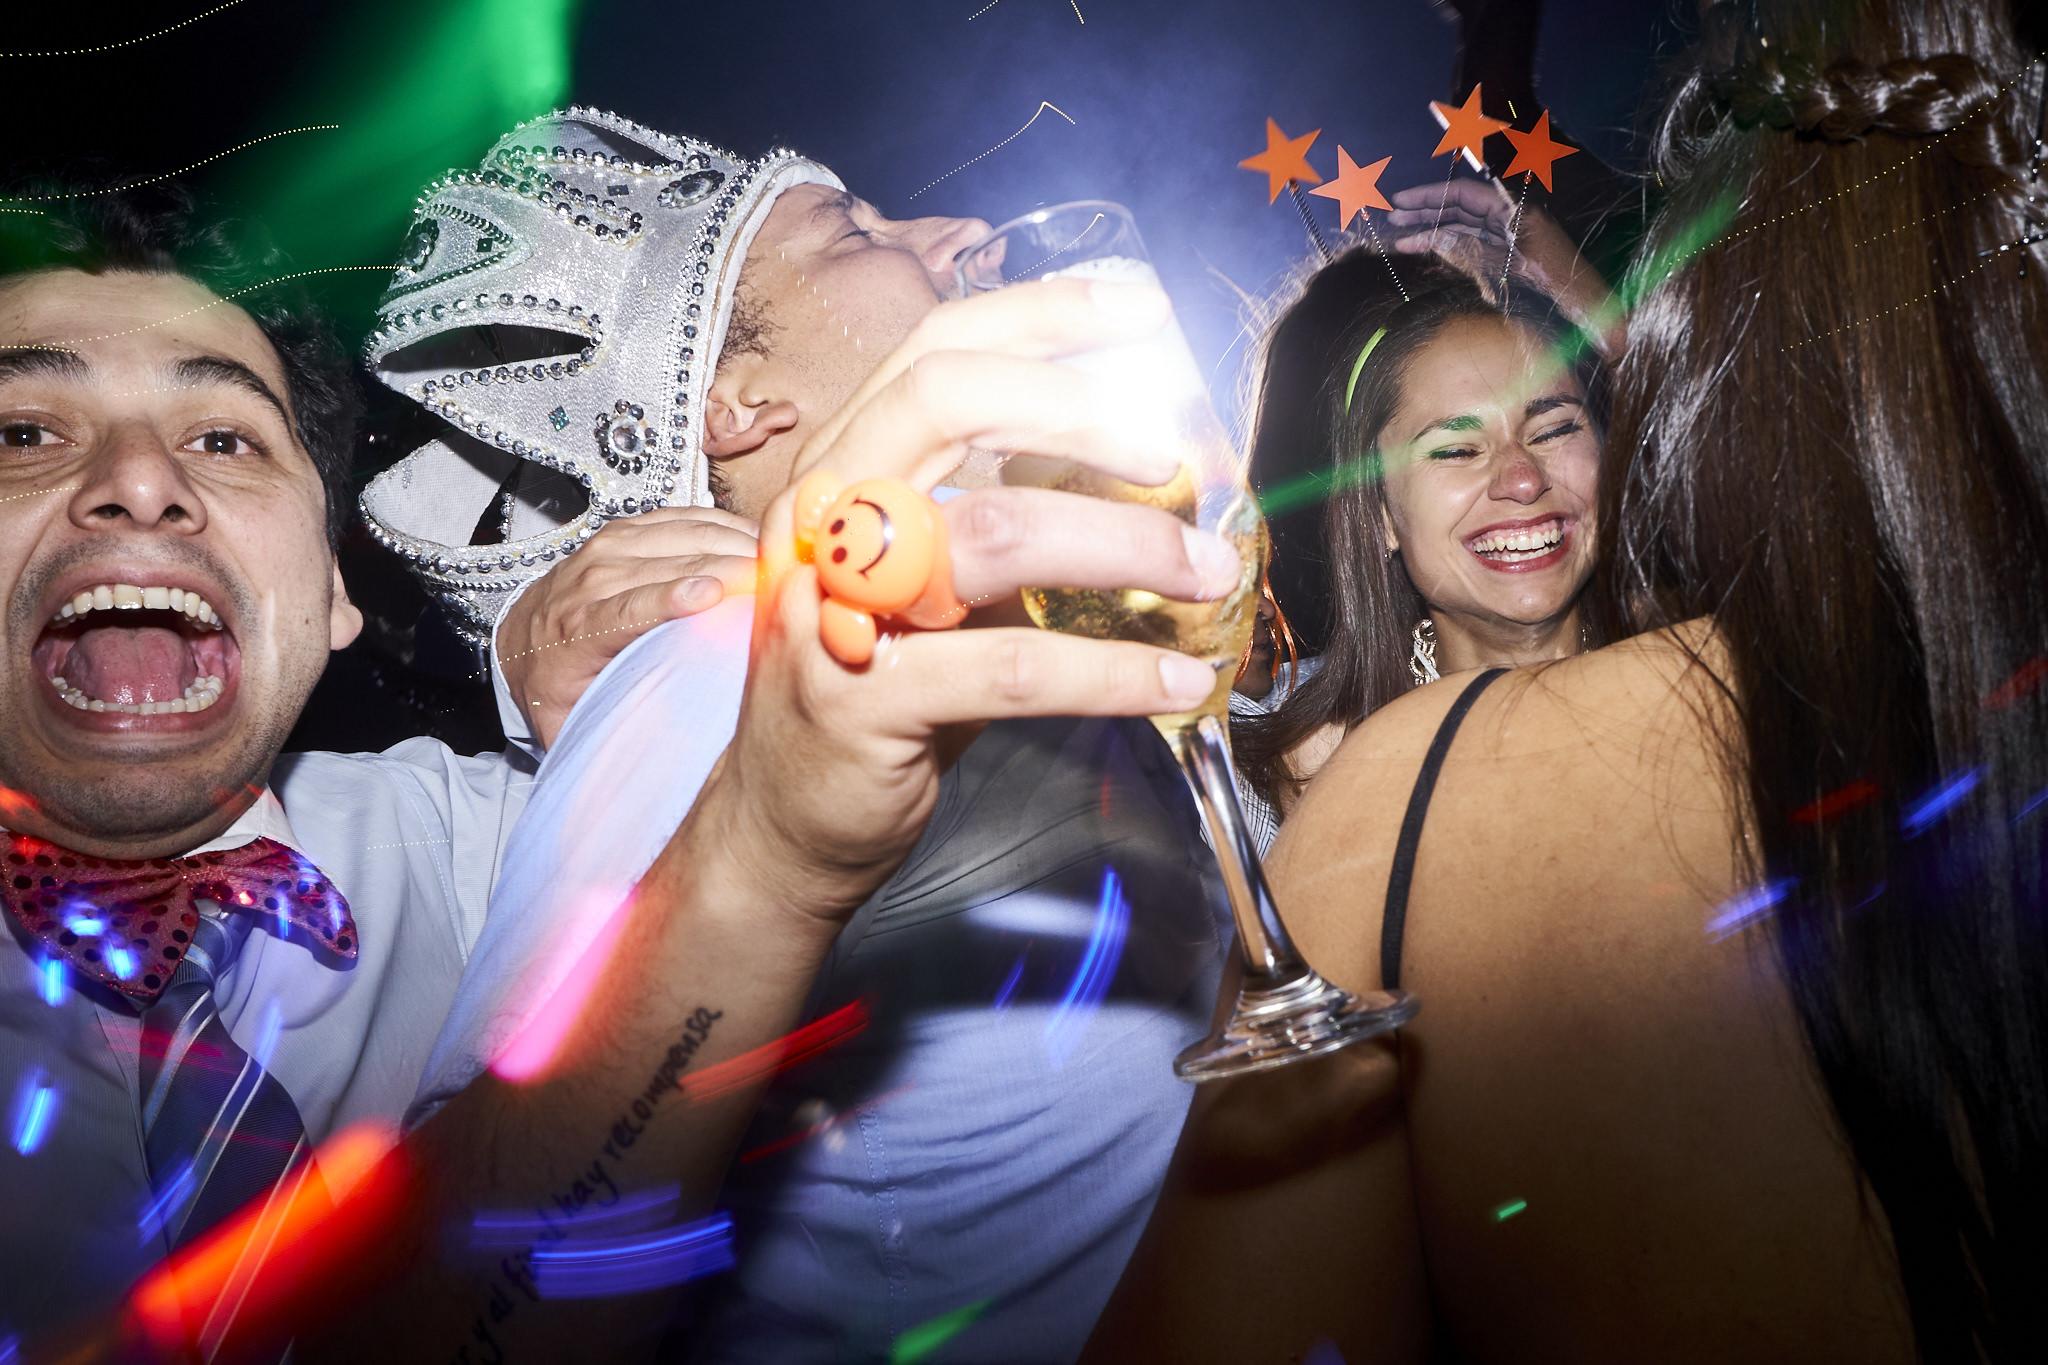 78 Fotografo de Bodas Gays Igualitarias DSC07576.jpg